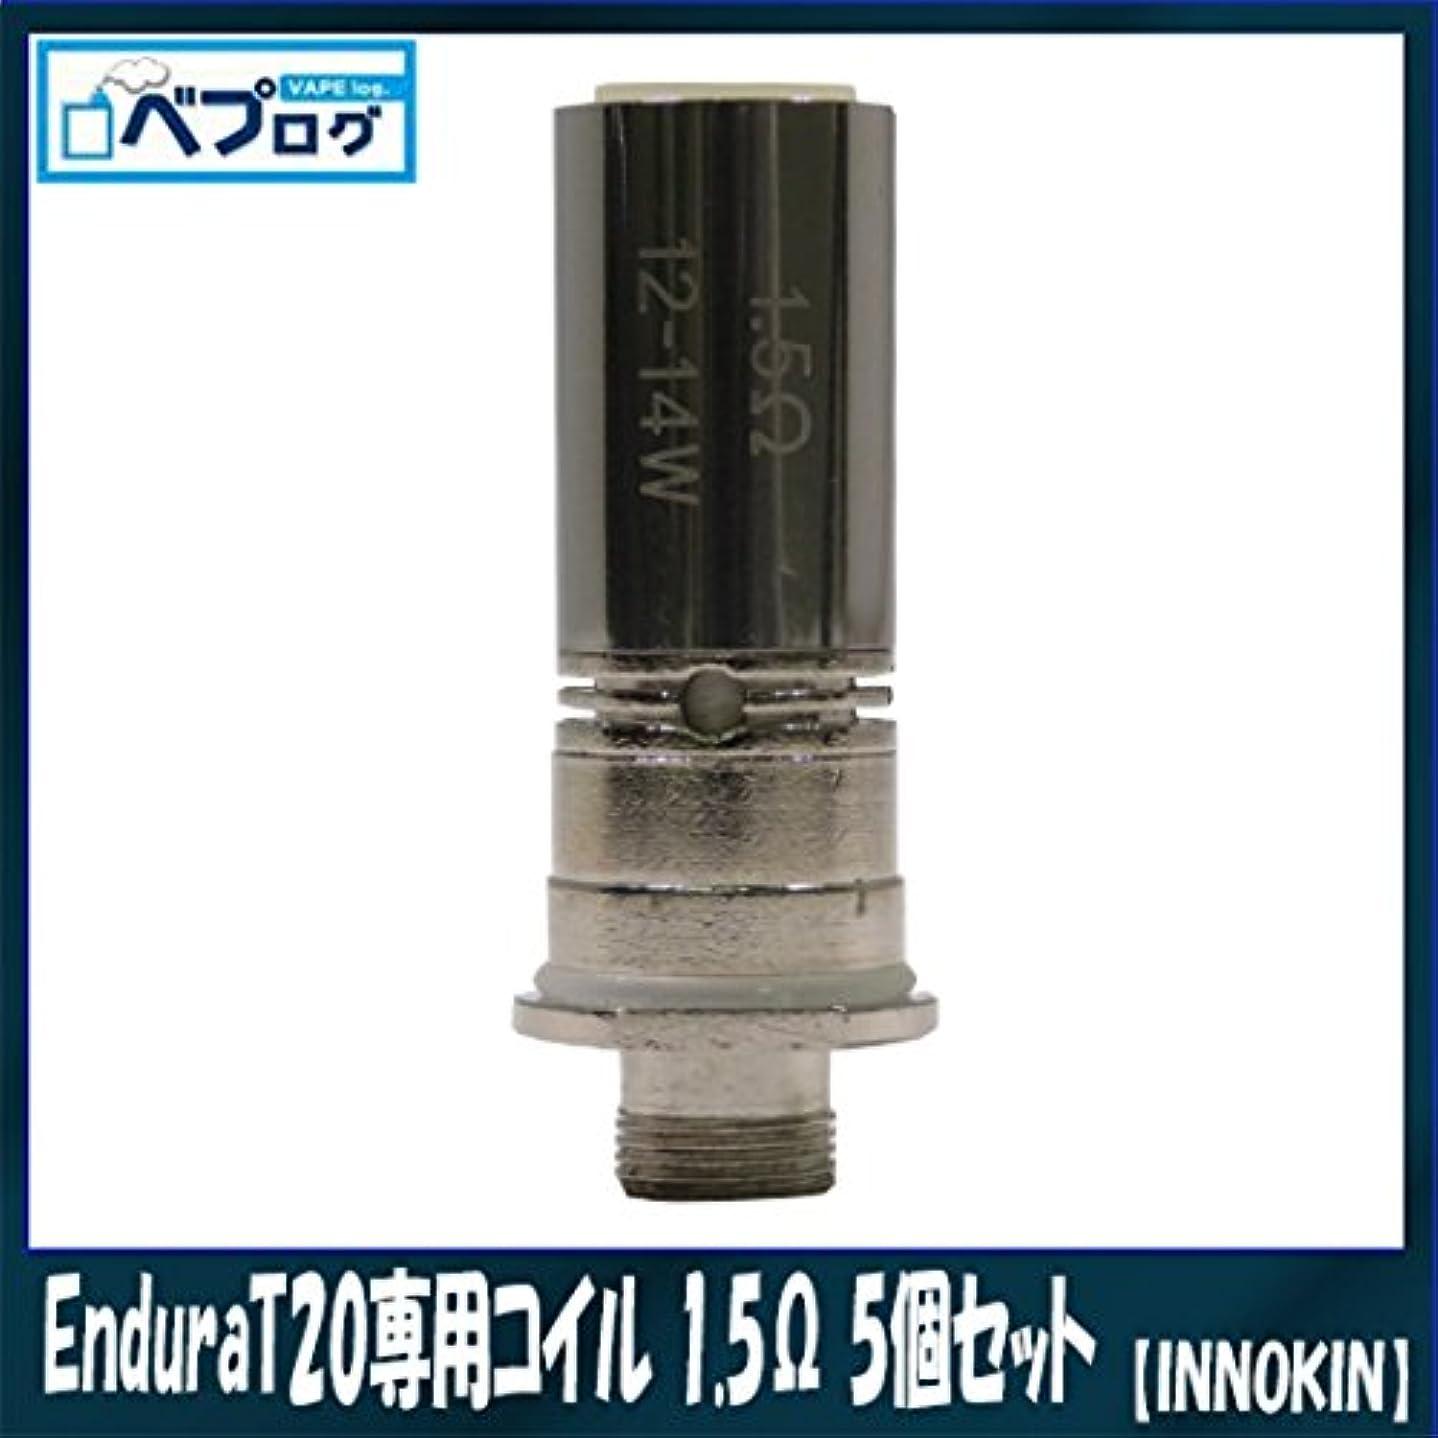 歪める無一文形INNOKIN (イノキン) EnduraT20専用コイル 1.5Ω 5個セット 電子タバコ (EnduraT20専用コイル 1.5Ω 5個セット)